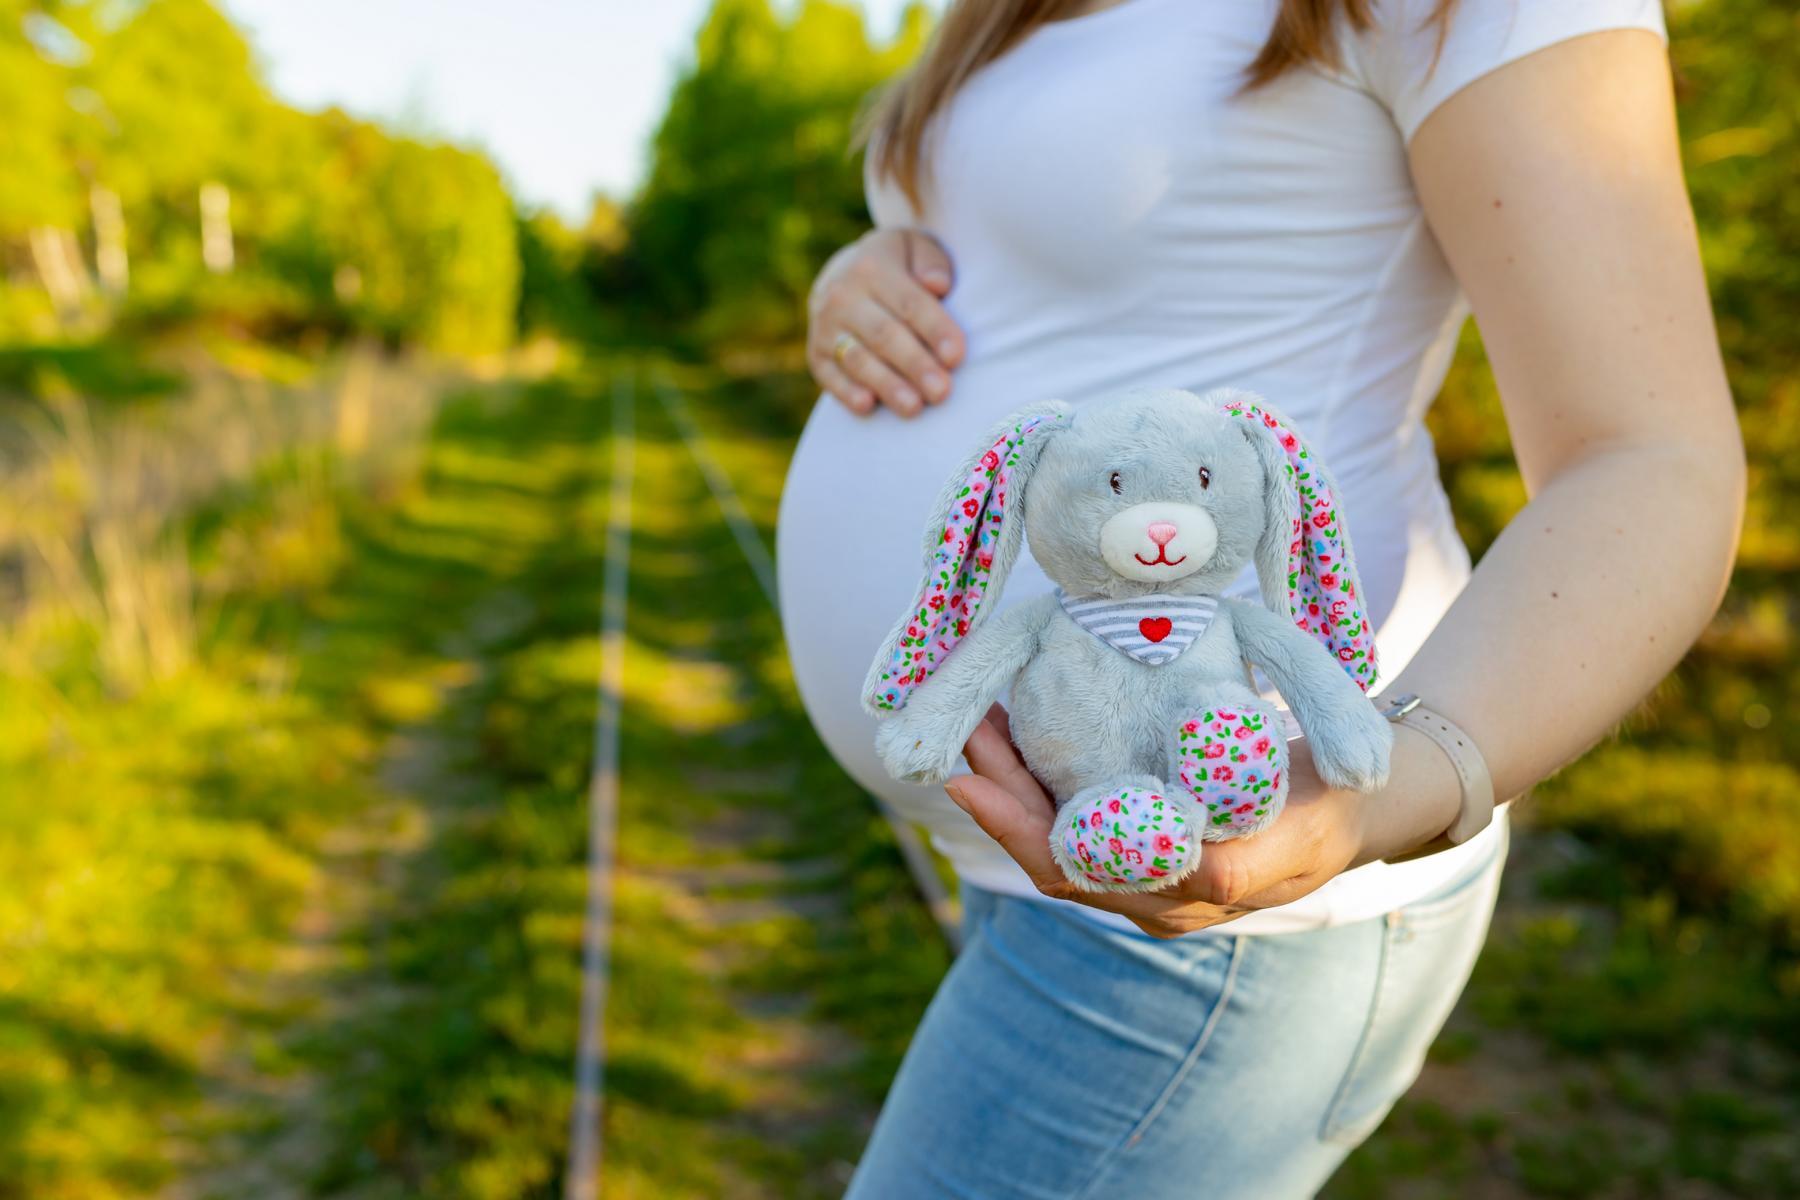 Schwangerschaftsfotografie Visselhövede, Schwangerschaft Fotoshooting Schneverdingen, Babybauchshooting Sittensen, Babybauch Bilder Soltau, Bilder Babybauch